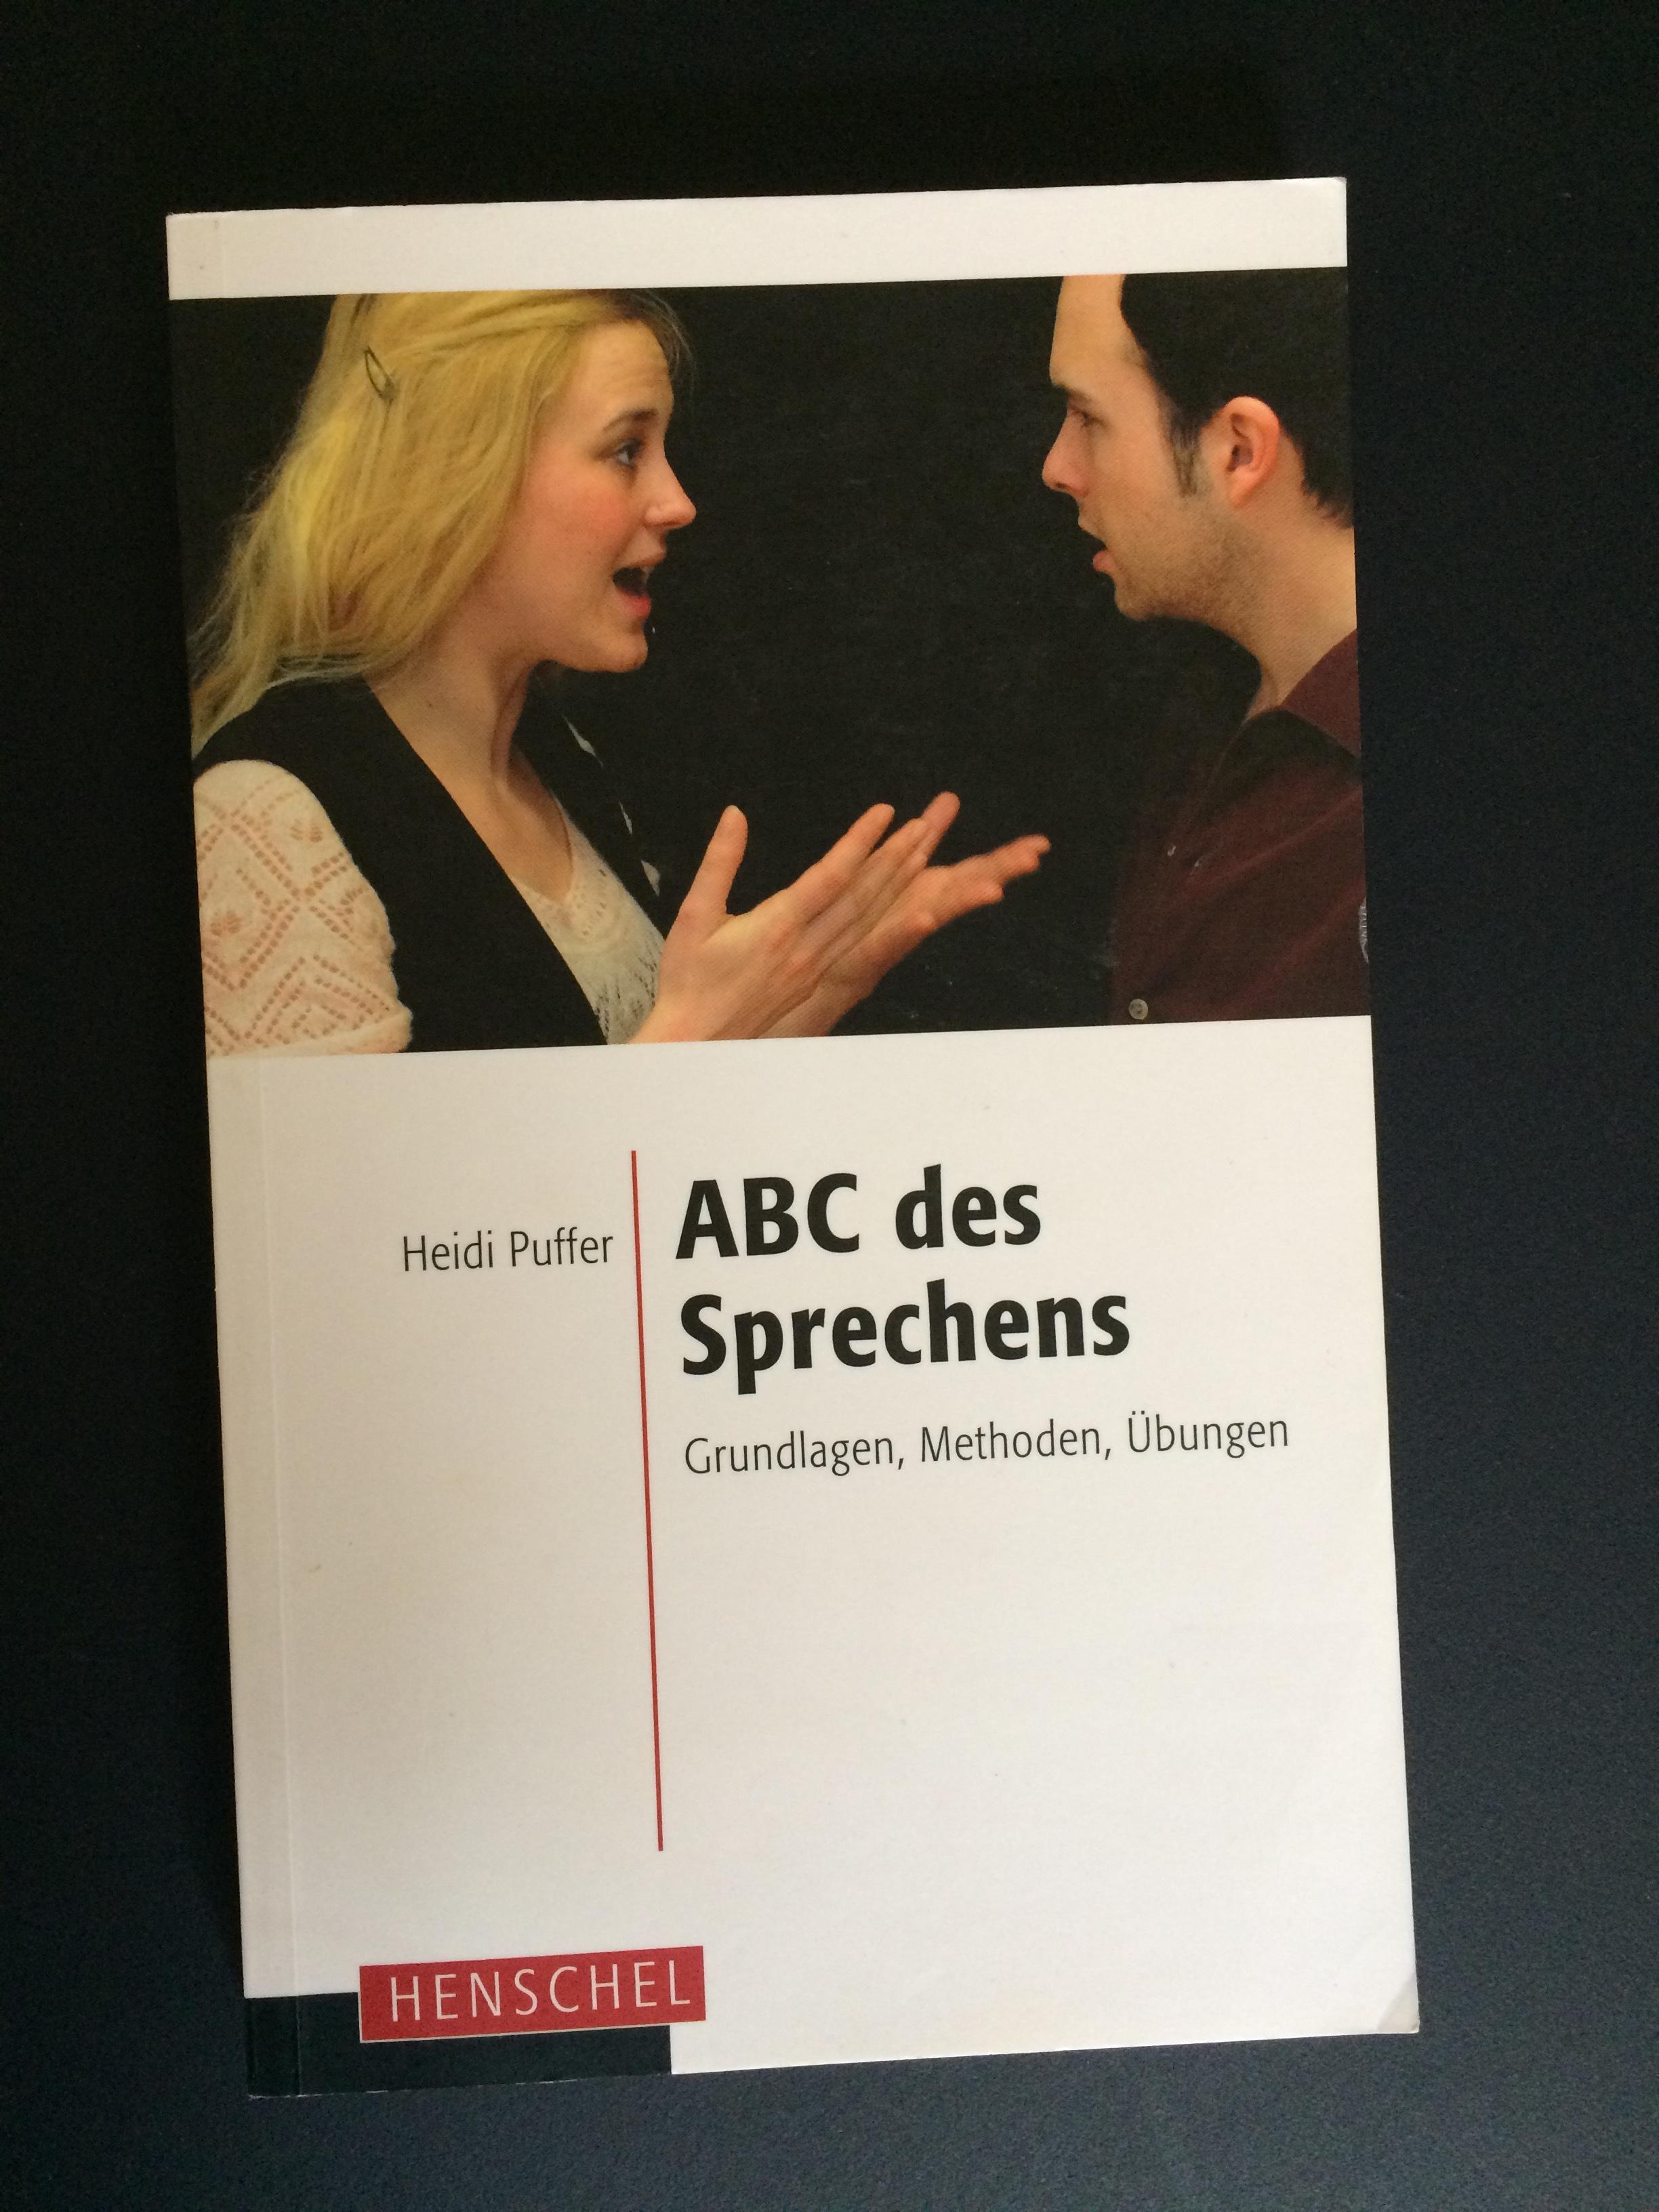 ABC des Sprechens - Heidi Puffer (2010), Leipzig: Henschel VerlagEine Sammlung vieler praktischer Übungen ergänzt durch alltags-relevante sprechwissenschaftliche Erklärungen.